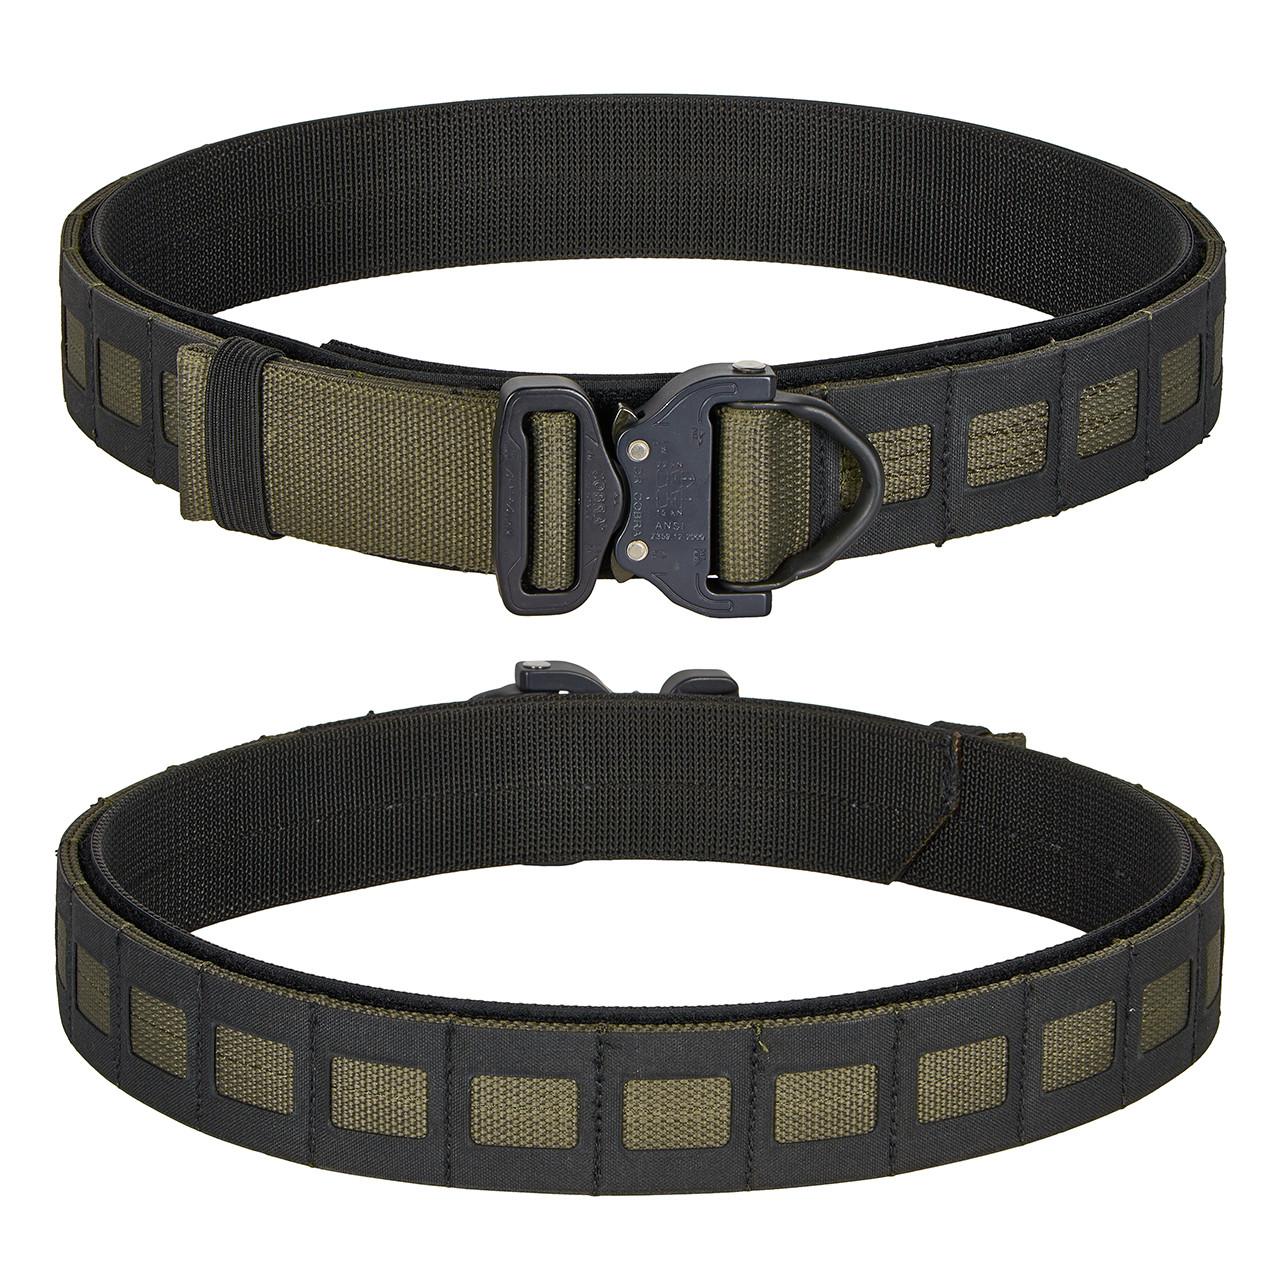 Ranger Green with Black Composite Material SMU Belt